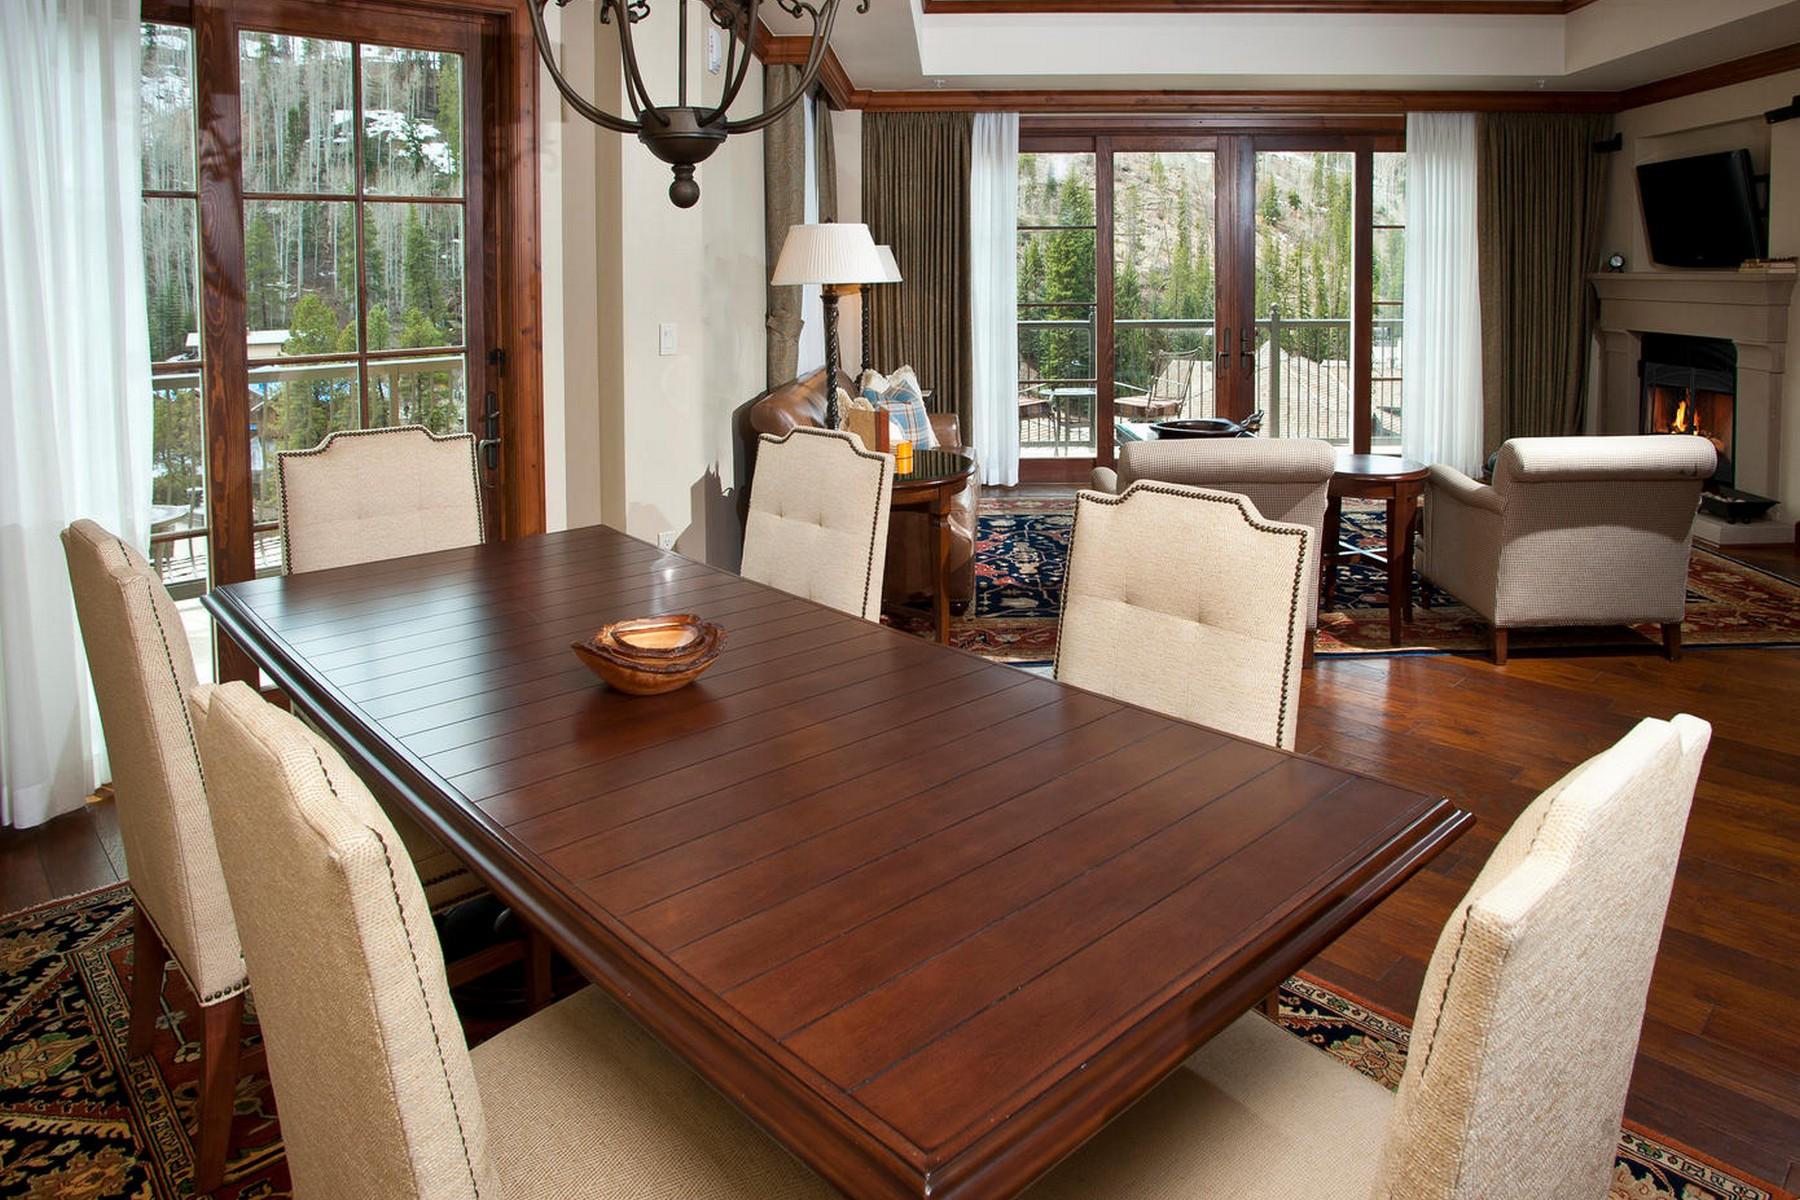 部分所有权 为 销售 在 The Ritz Carlton Club, Vail 728 W. Lionshead Circle #429-28 韦尔, 科罗拉多州, 81657 美国